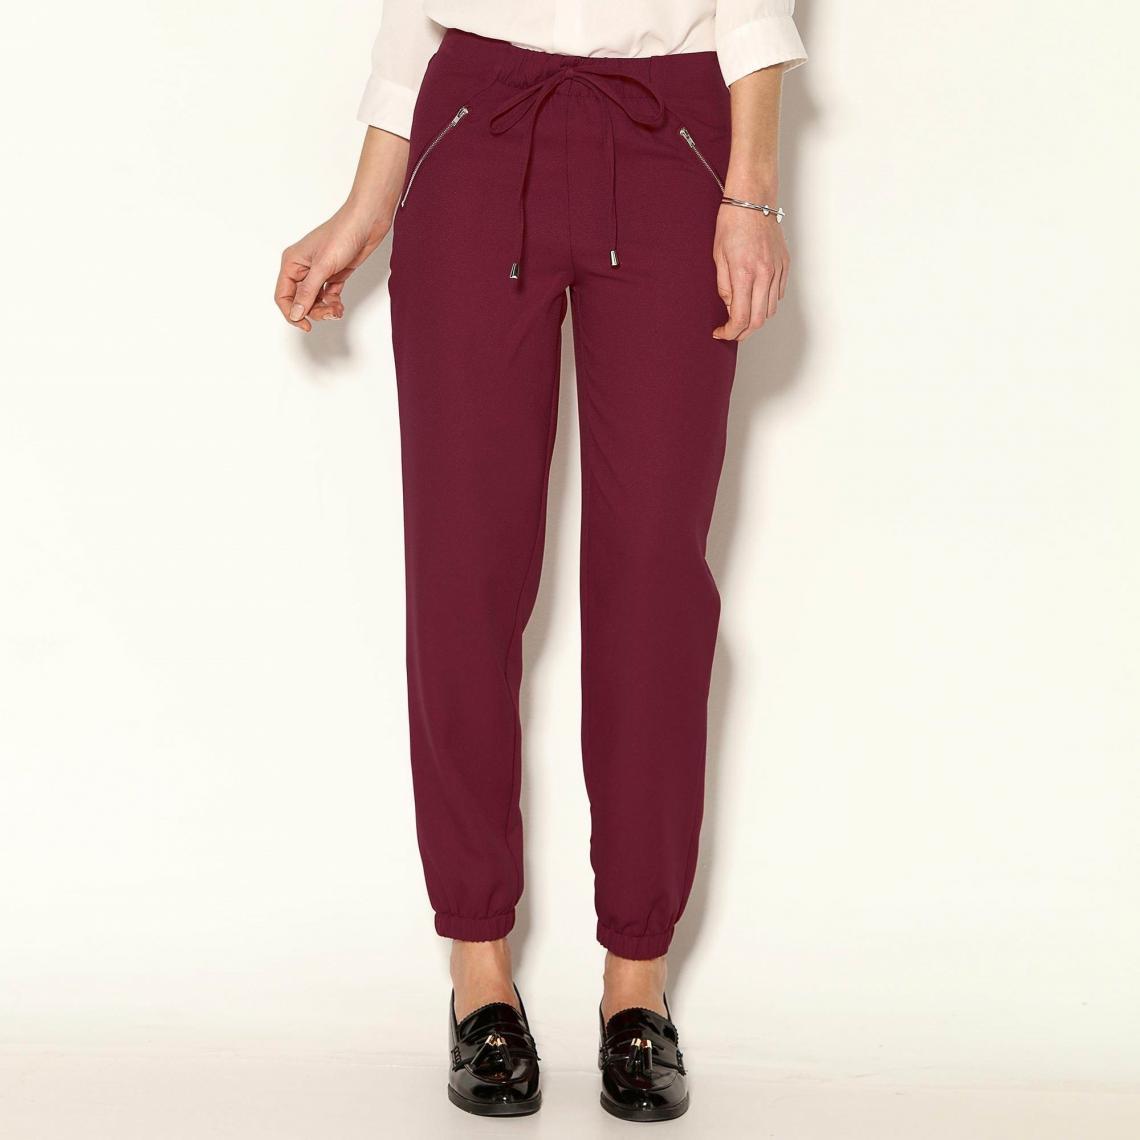 2d3b88f1a33f Pantalon taille et bas élastiqués froncés femme - Rouge Grenat